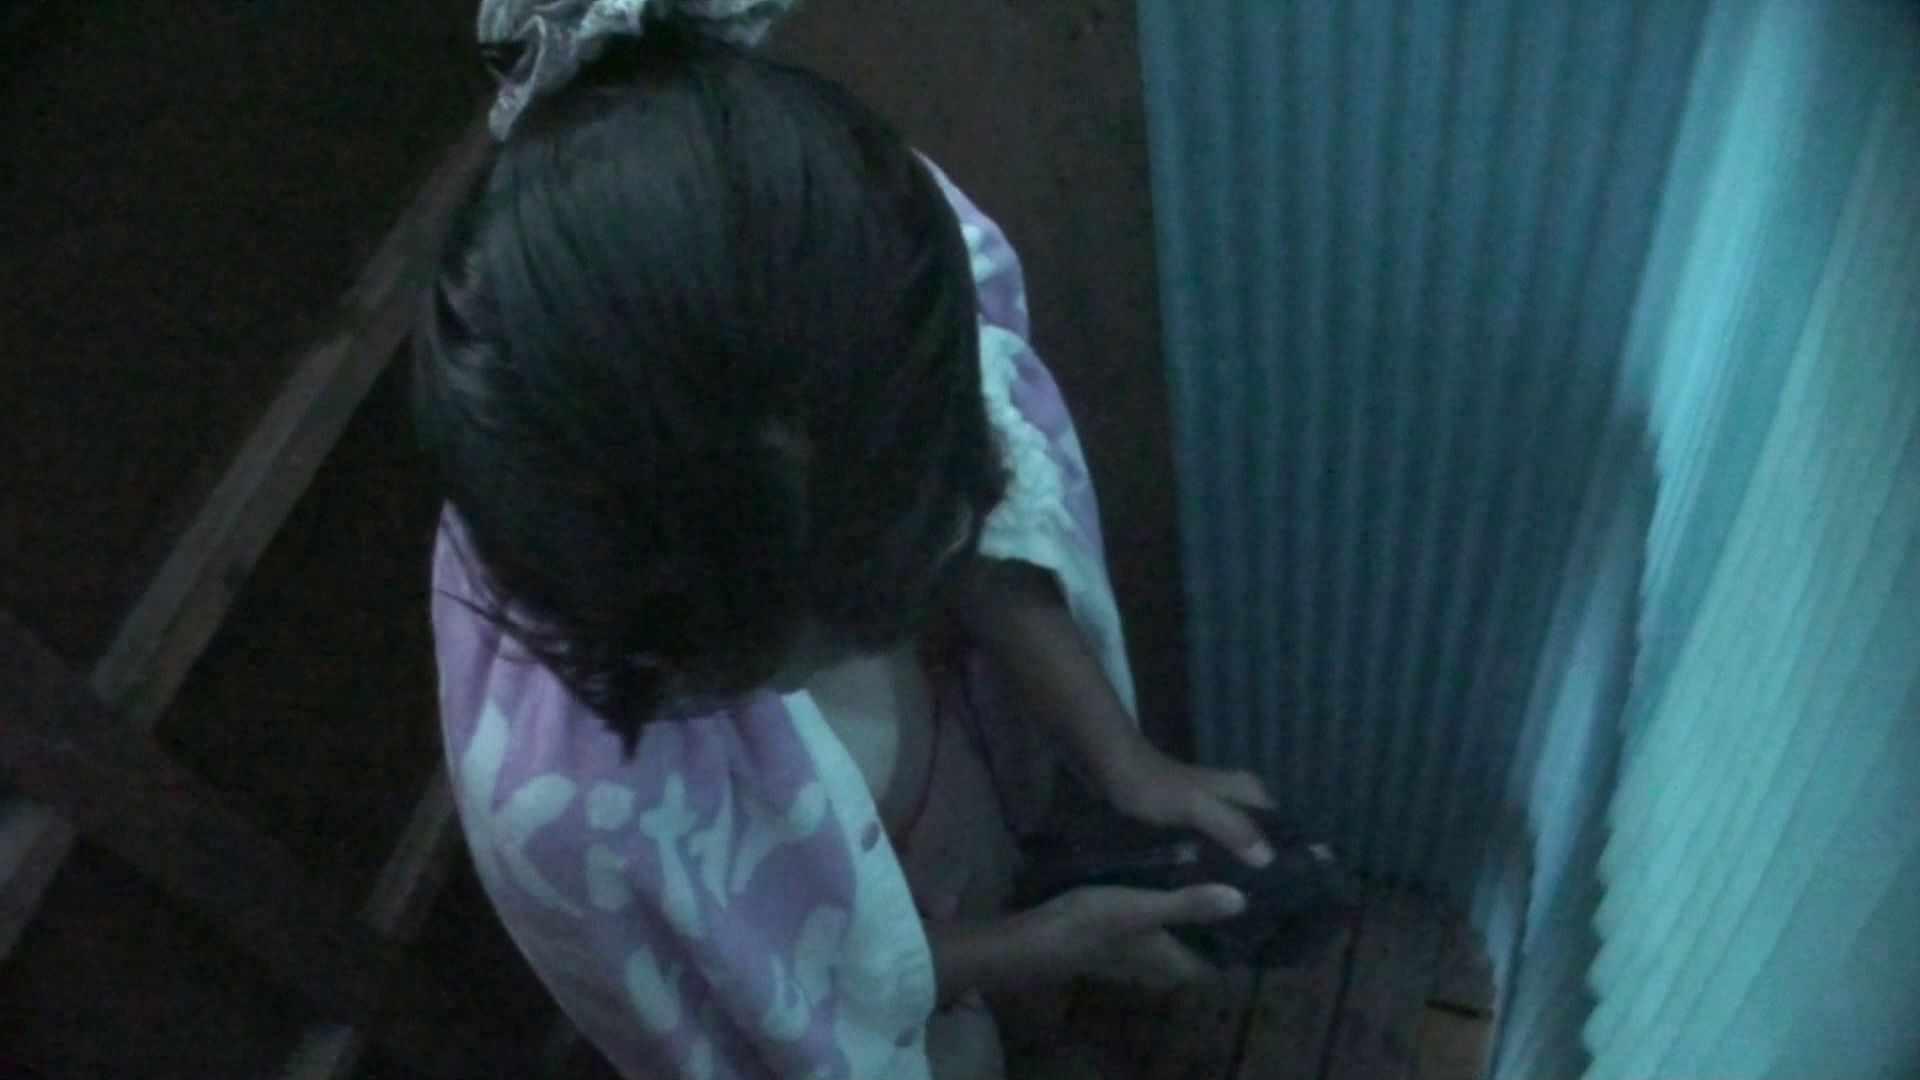 シャワールームは超!!危険な香りVol.26 大学生風美形ギャル 暗さが残念! シャワー 盗み撮りAV無料動画キャプチャ 86pic 46